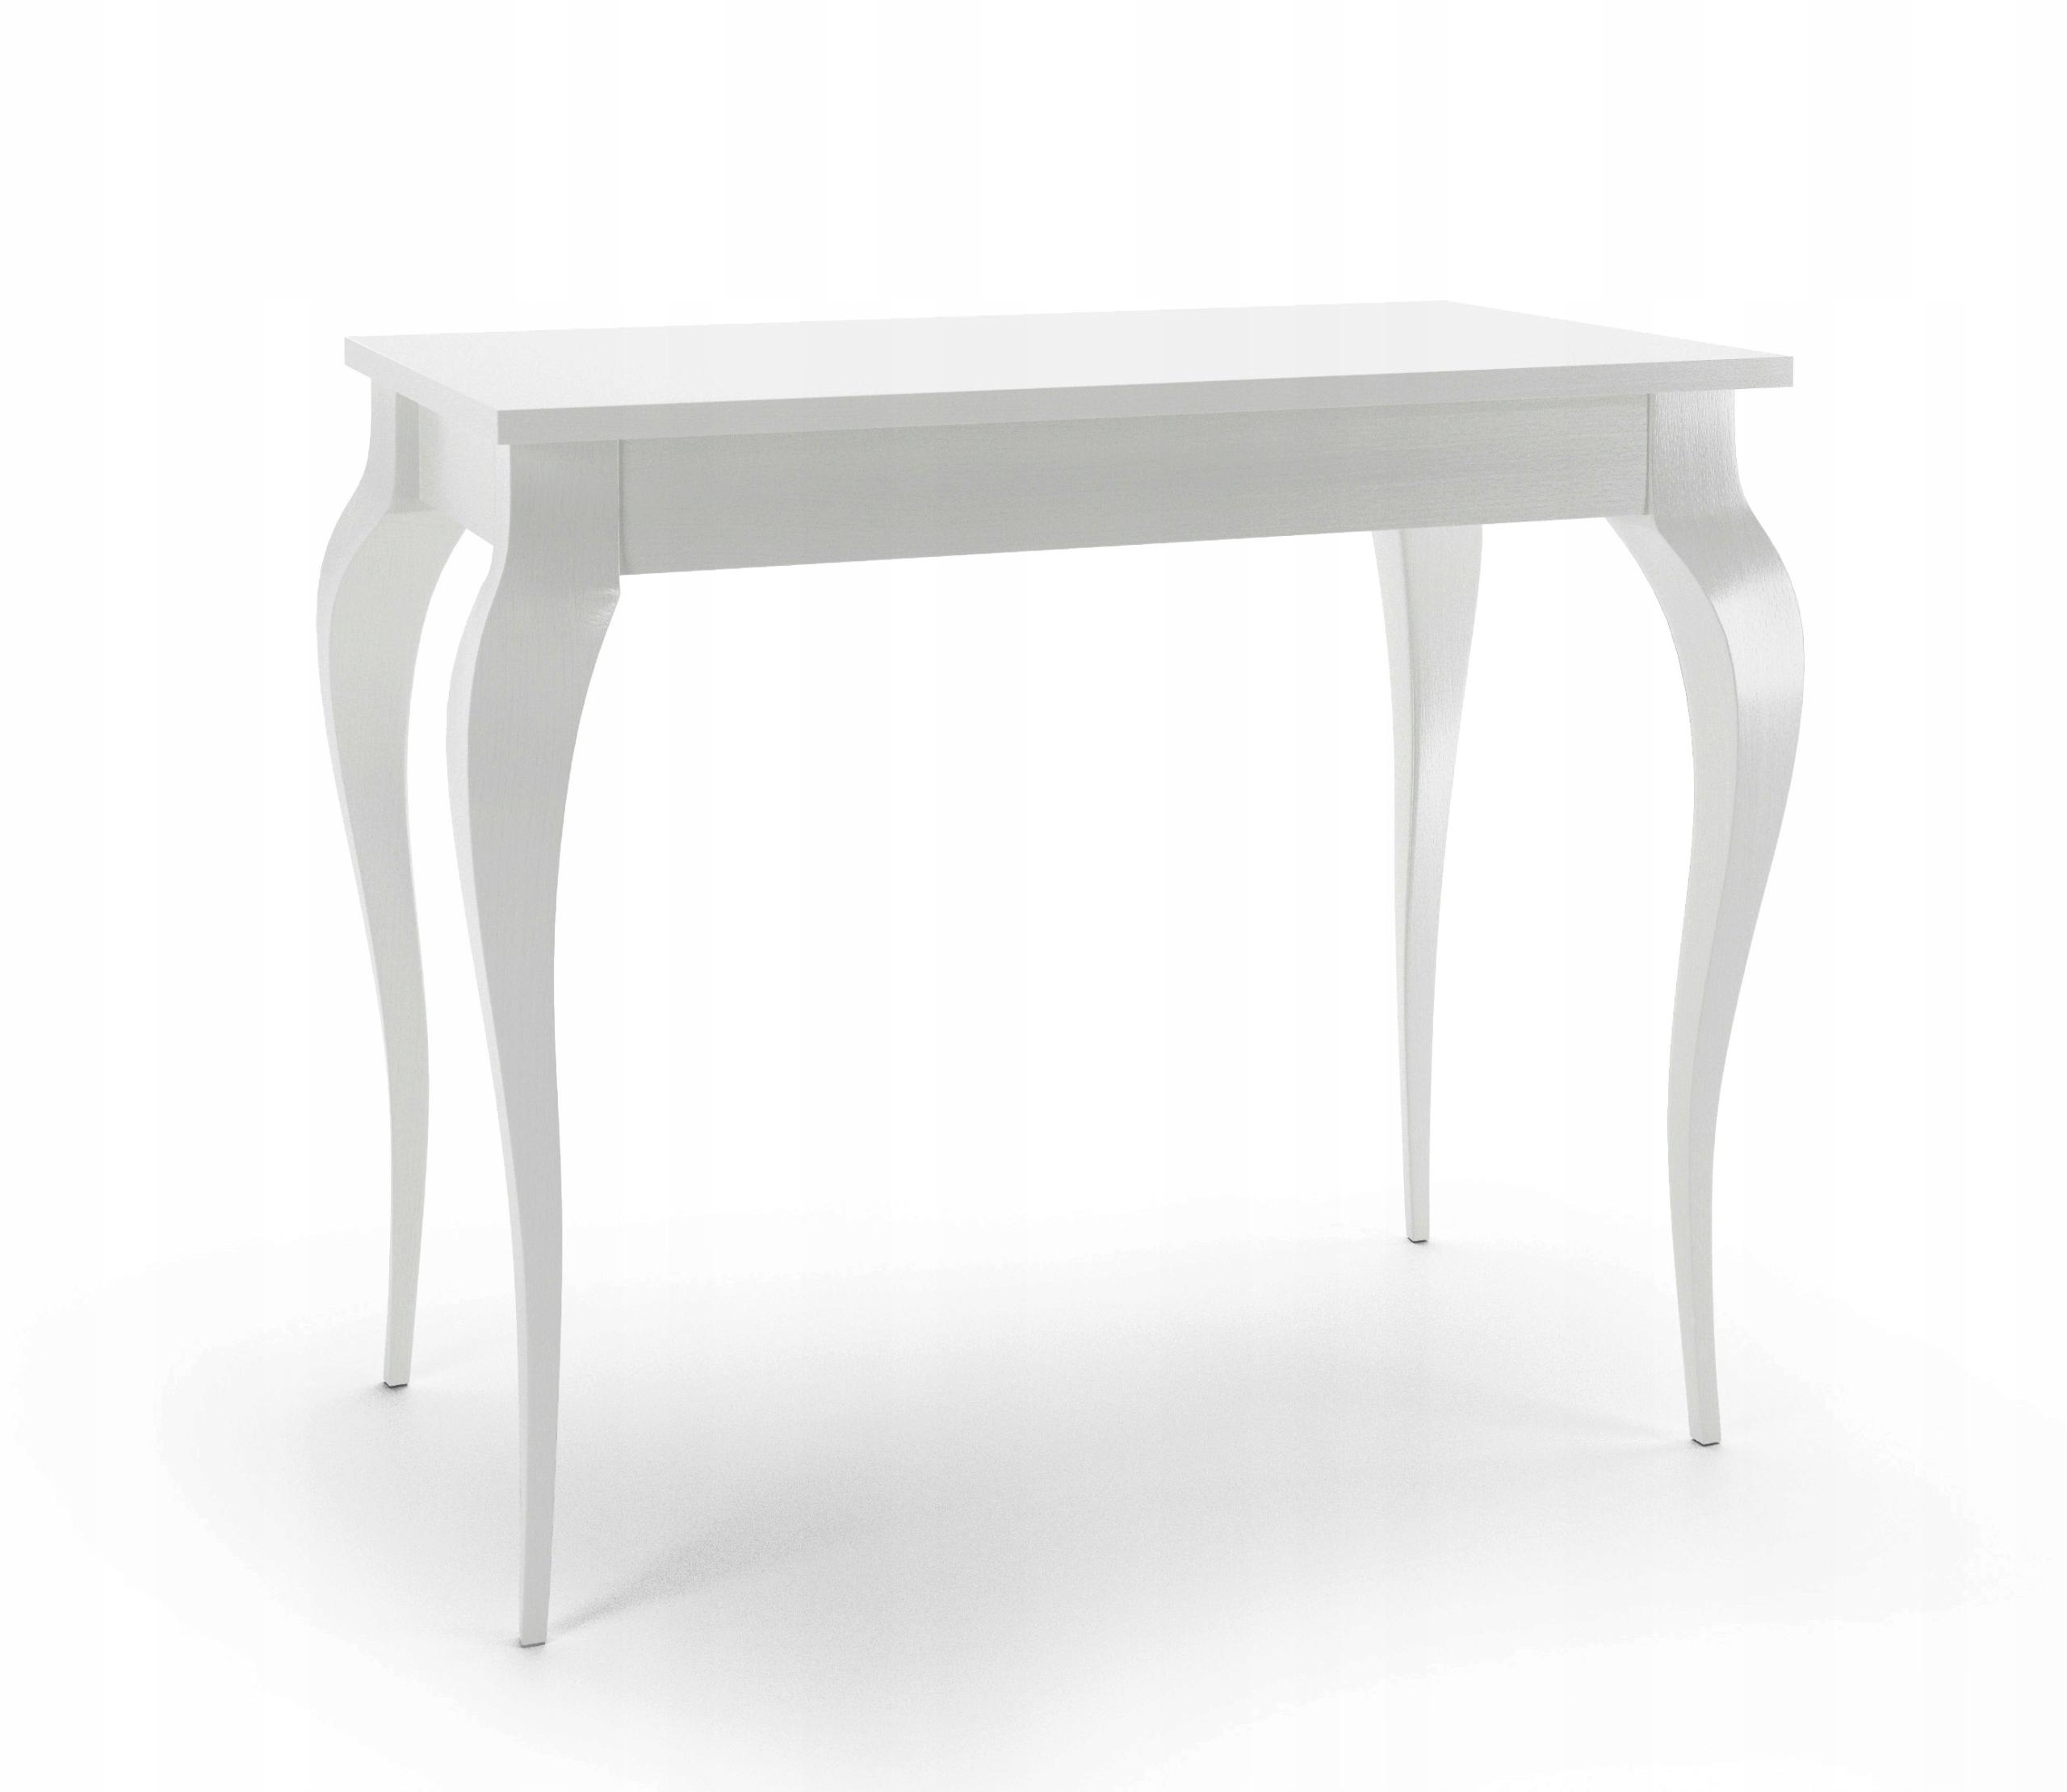 Písací stôl, Toaletný stolík Konzoly, BIELA KRÁSA glamour